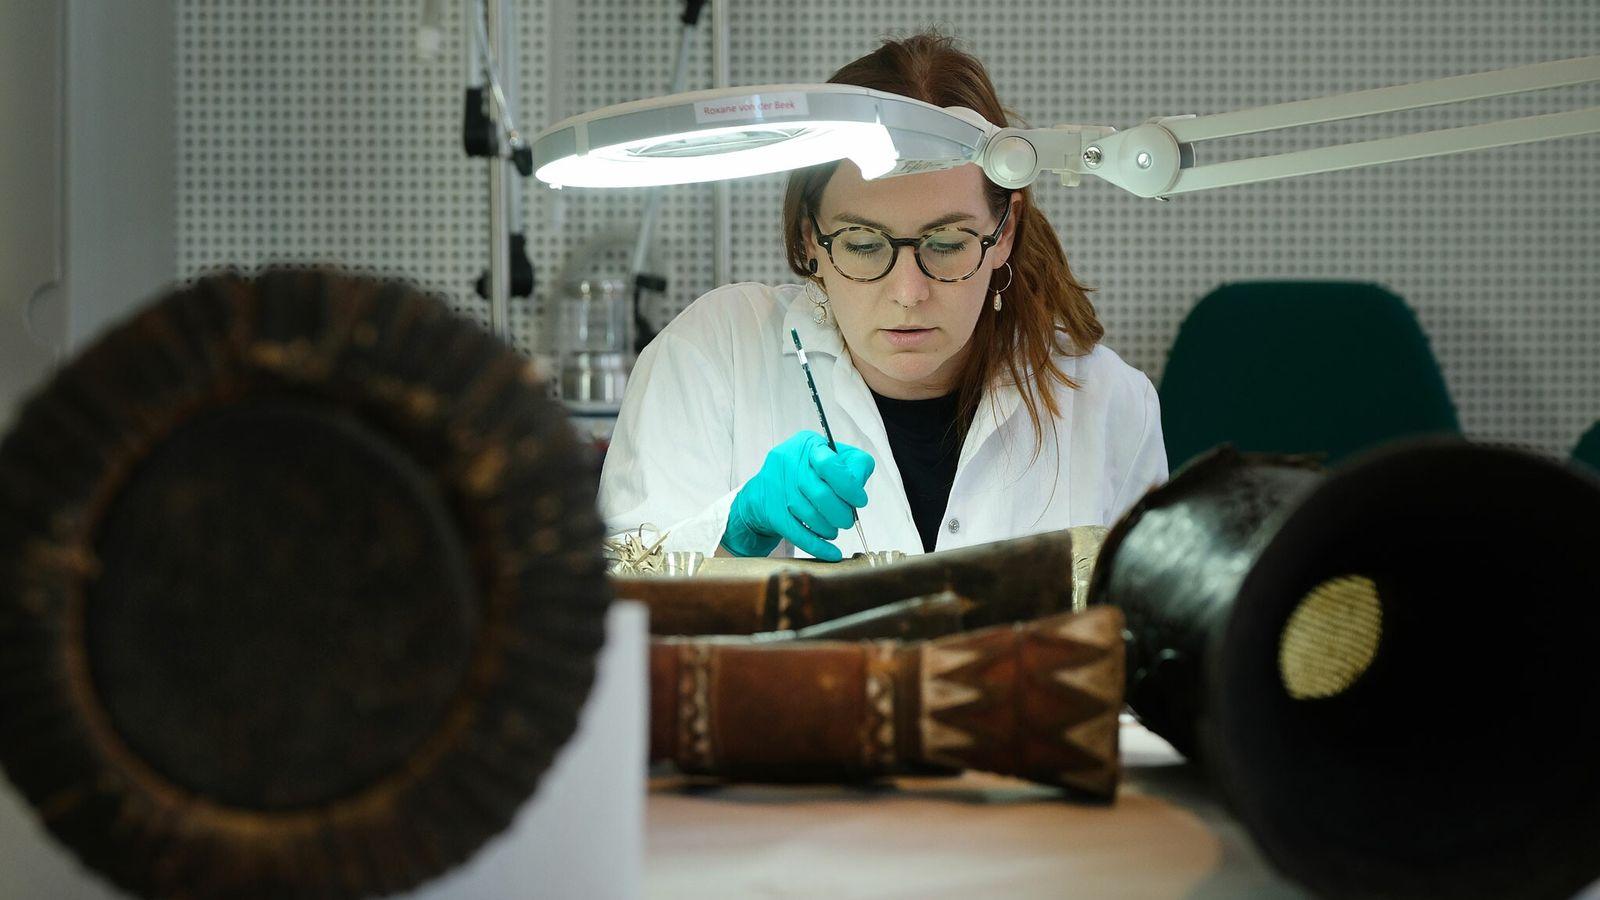 Restorer Roxane Julie von der Beek repairs a drum from Mali at the Ethnological Museum in ...